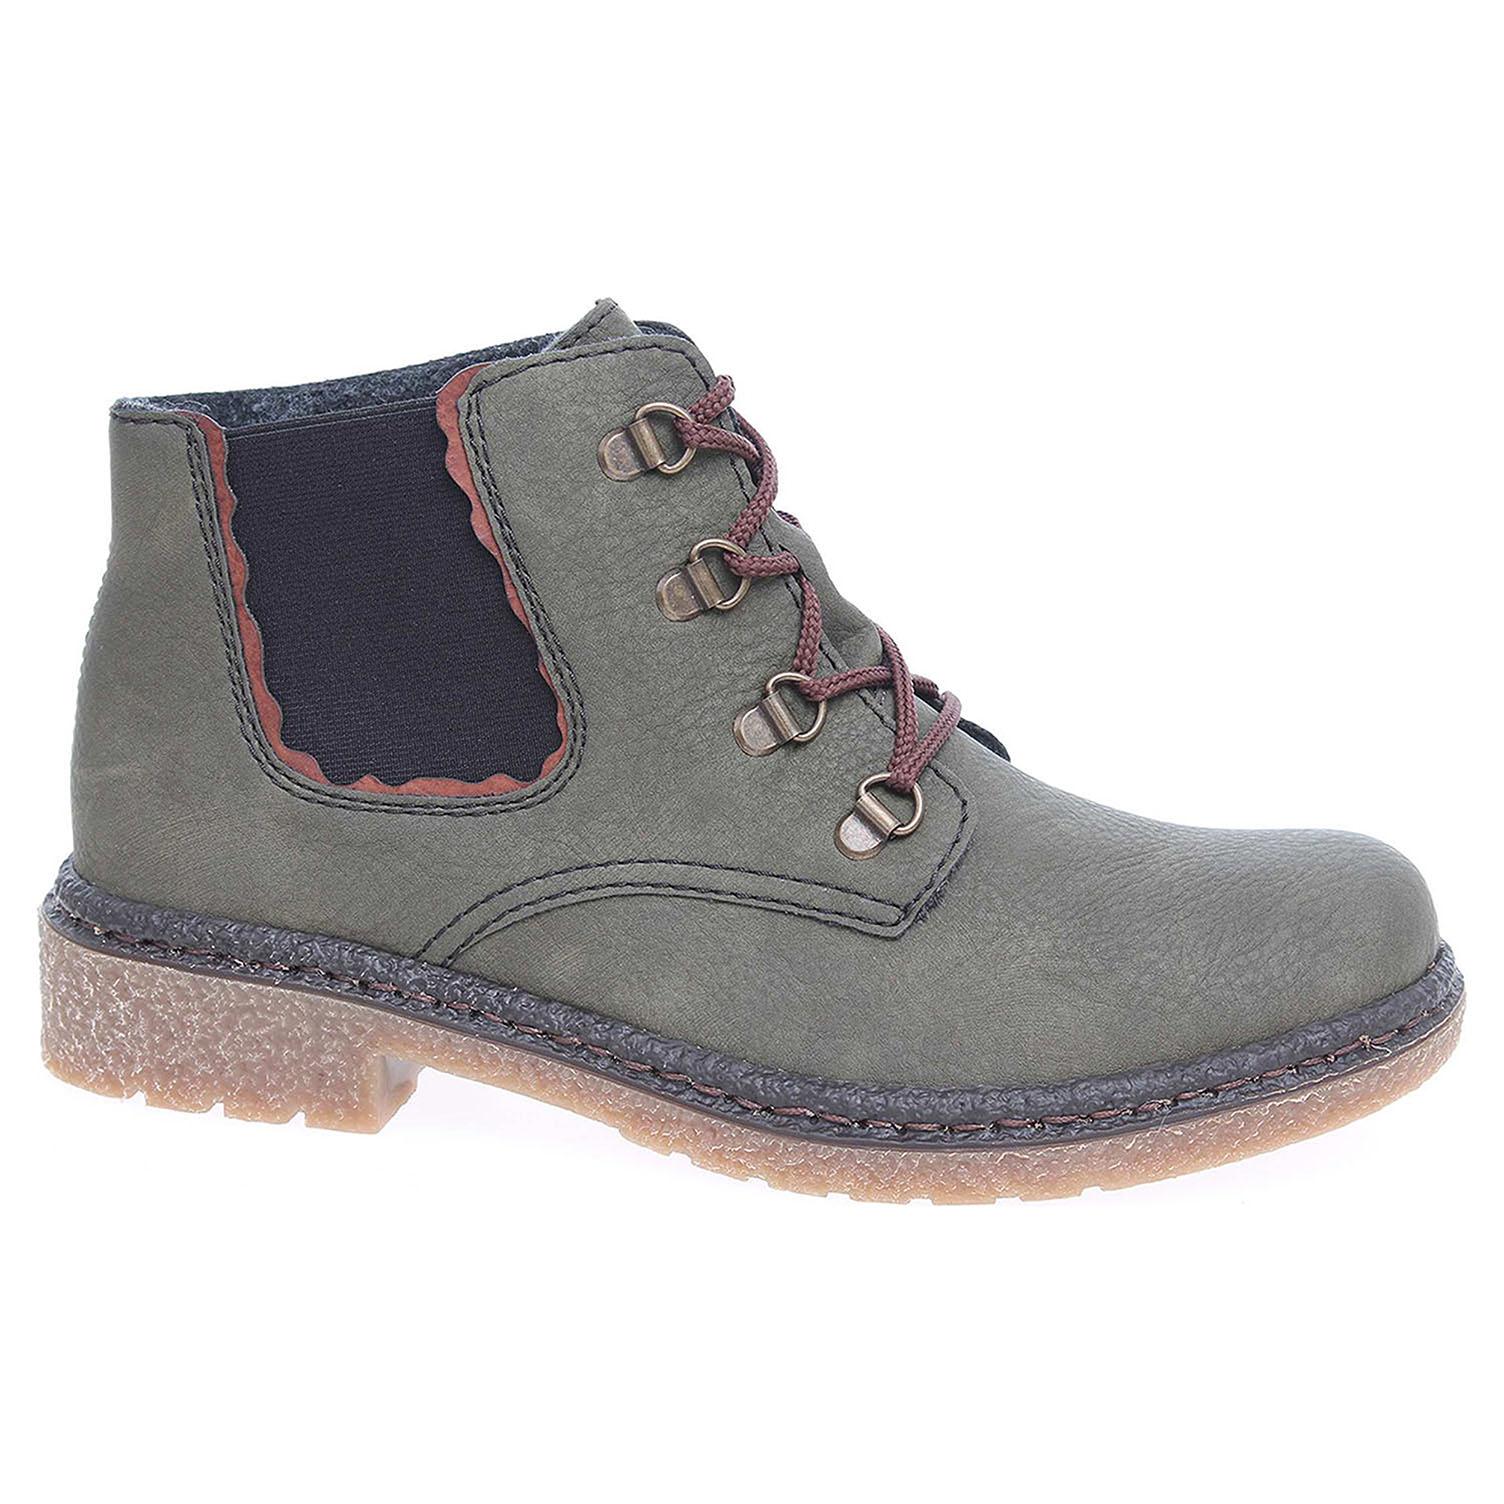 Dámská kotníková obuv Rieker 53234-54 zelené 53234-54 38